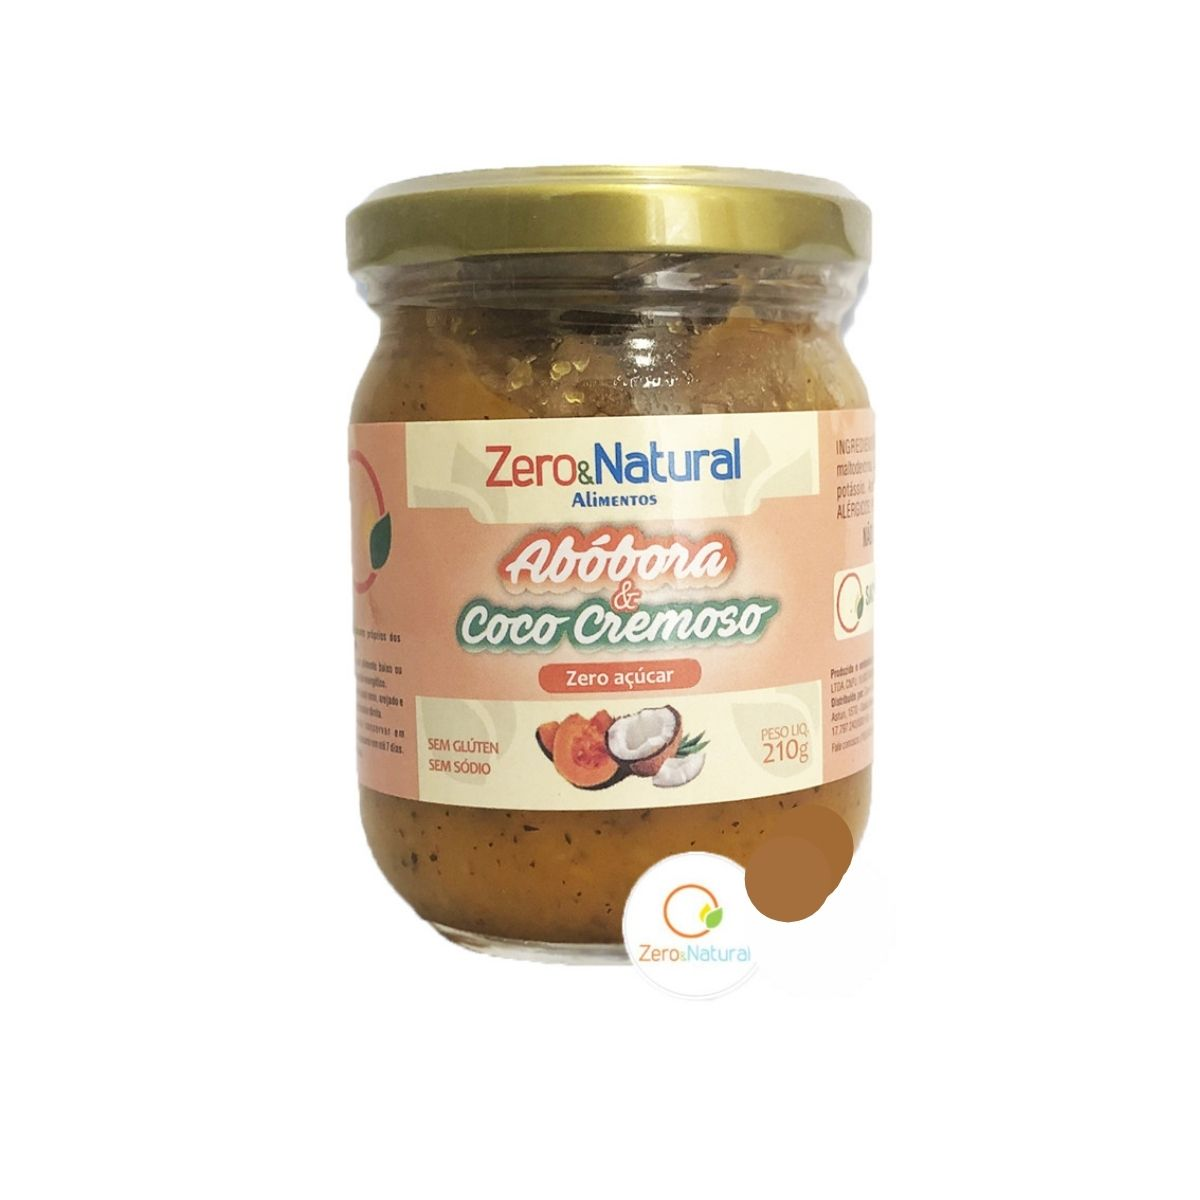 Abóbora e coco cremoso zero 210g - Zero&Natural